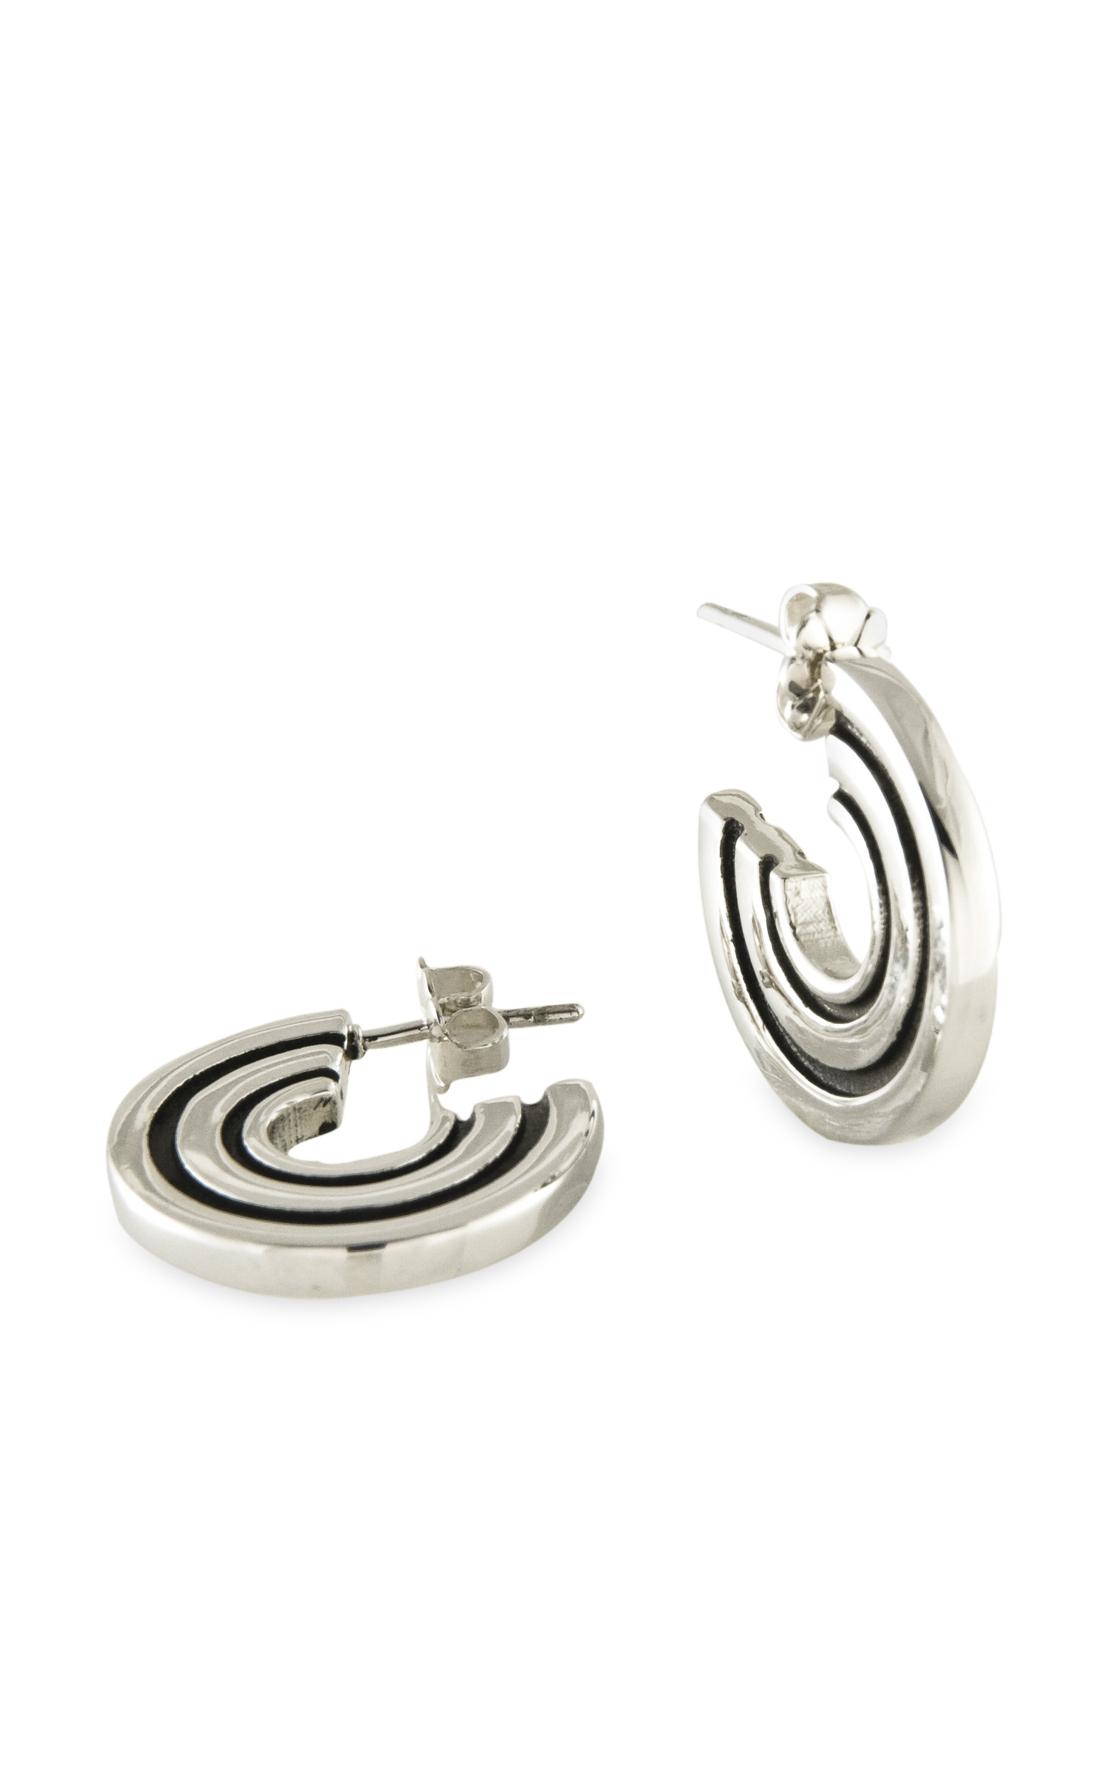 Zina Spiralz Earrings B1973 product image